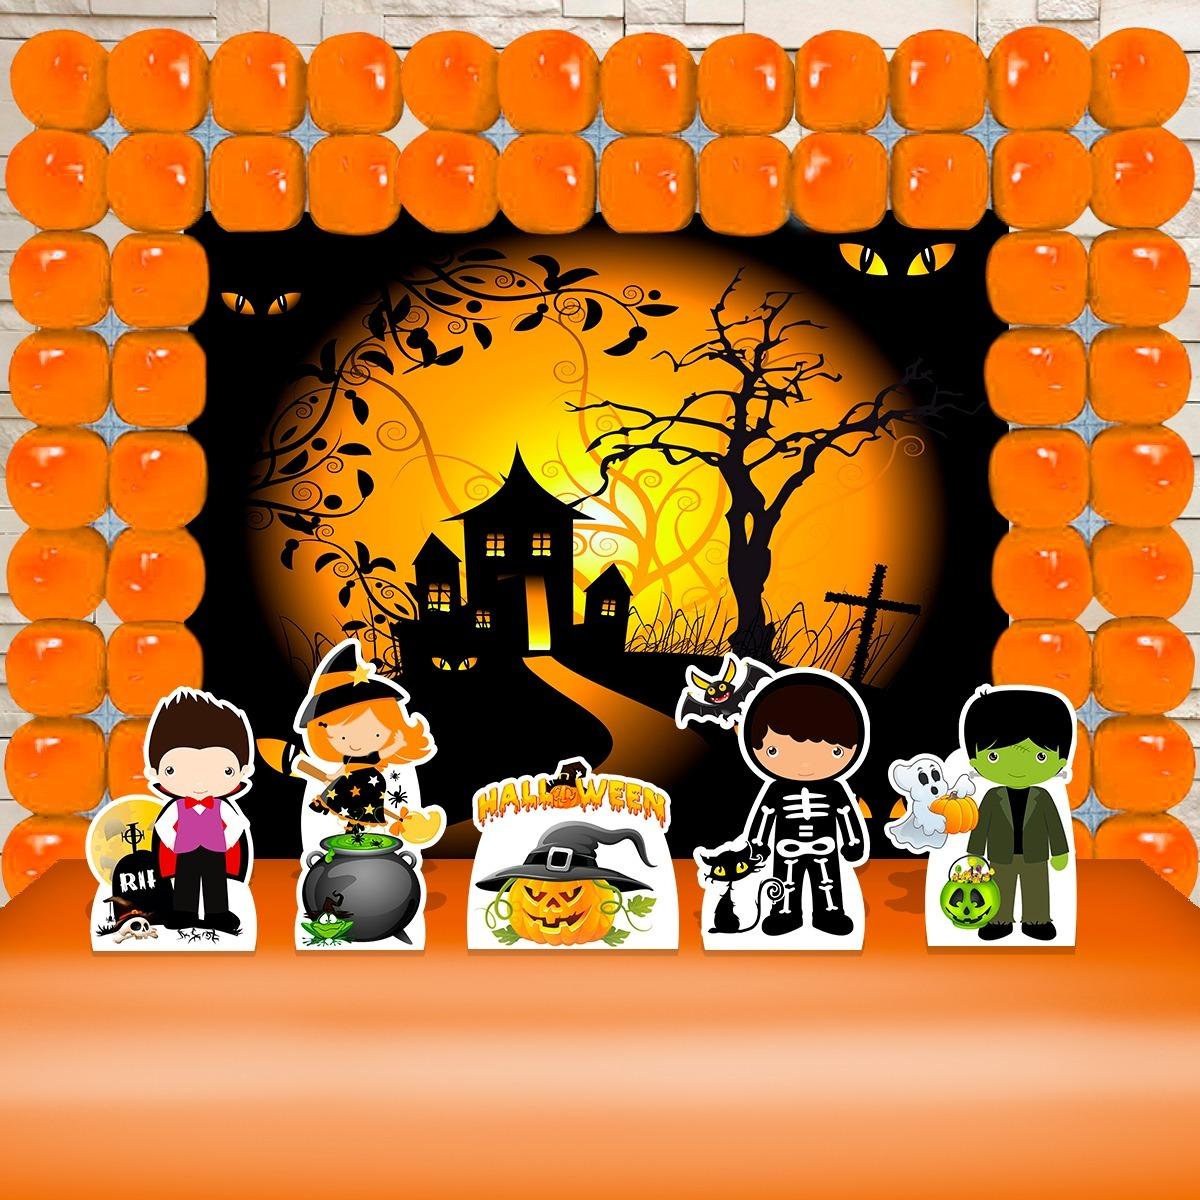 Kit Decoracao Festa Infantil Halloween Bruxas Frete Gratis R